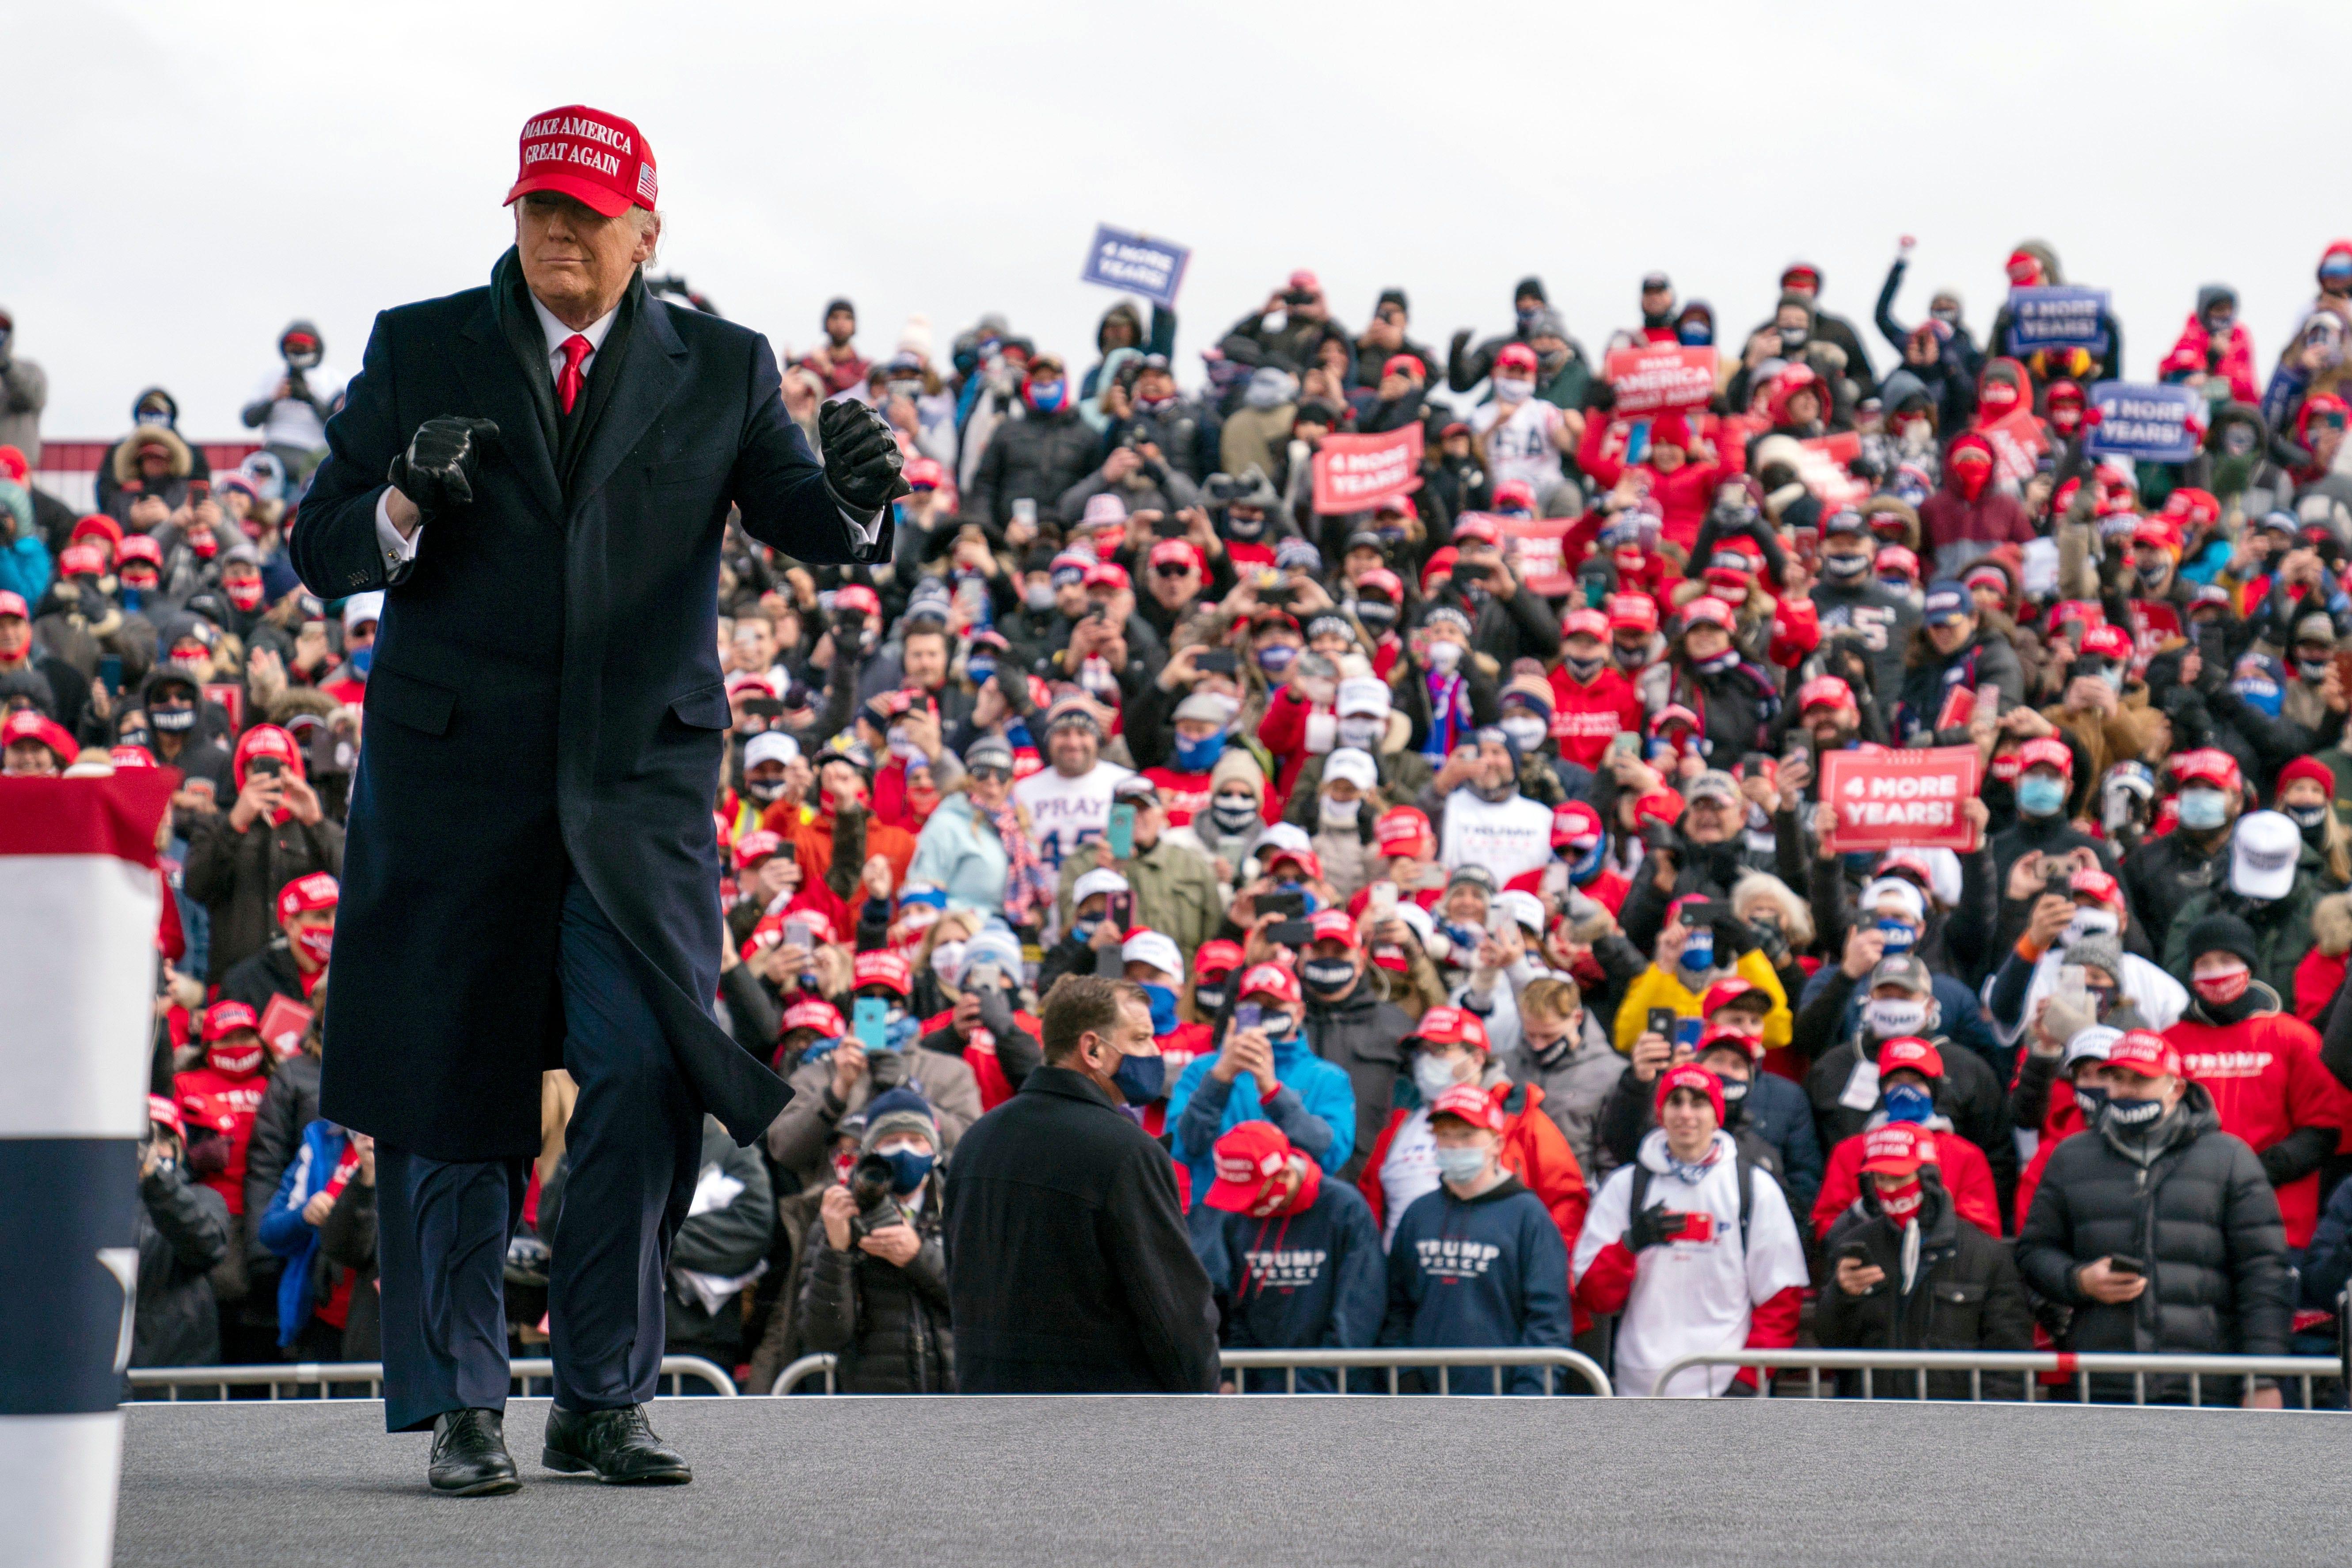 Trump zieht die Bundesklage in Michigan unter Berufung auf die Werber von Wayne Co. zurück